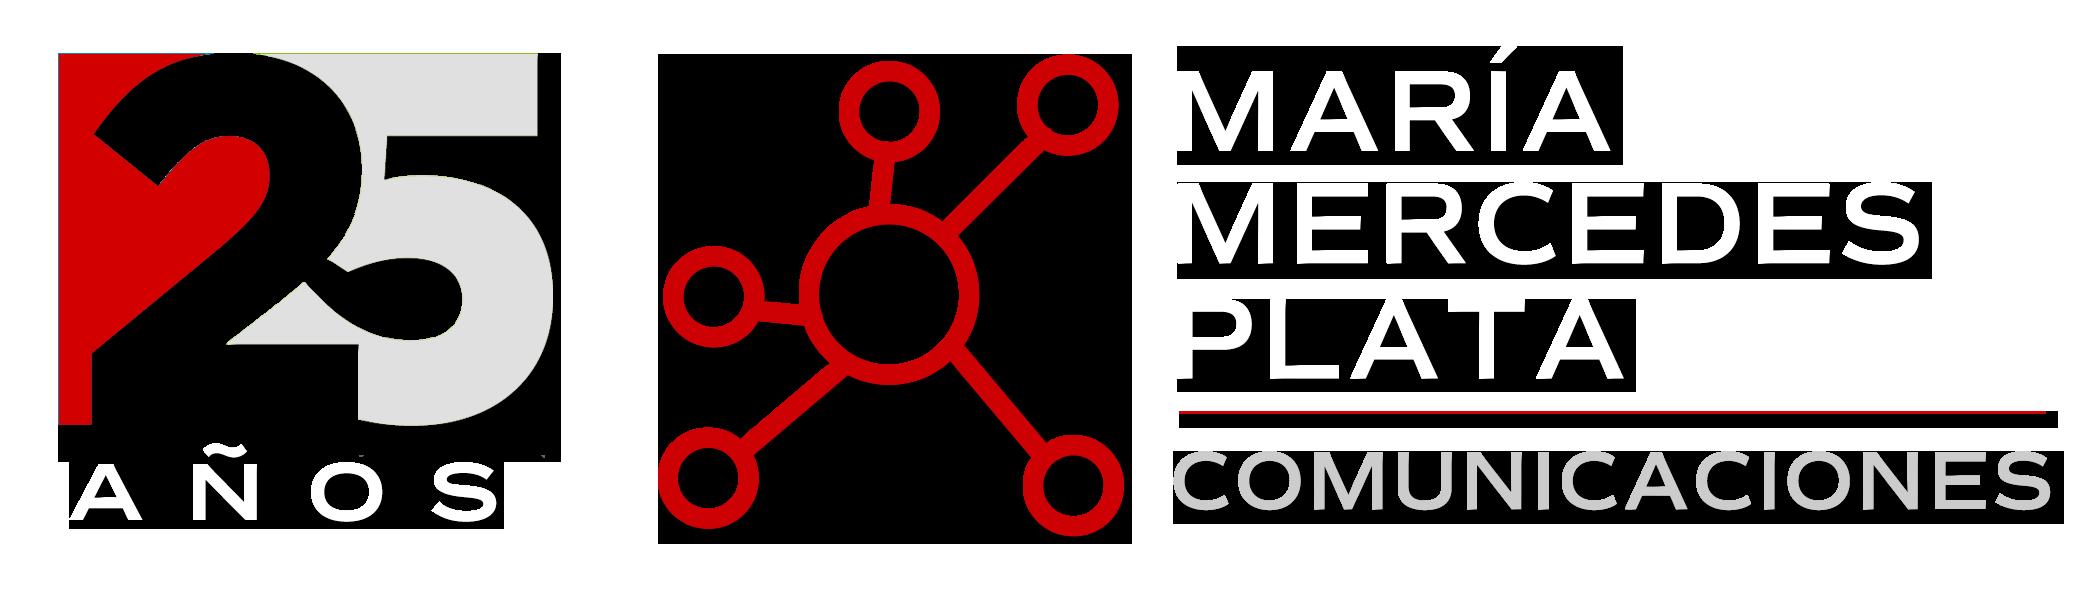 Maria Mercedes Plata Comunicaciones